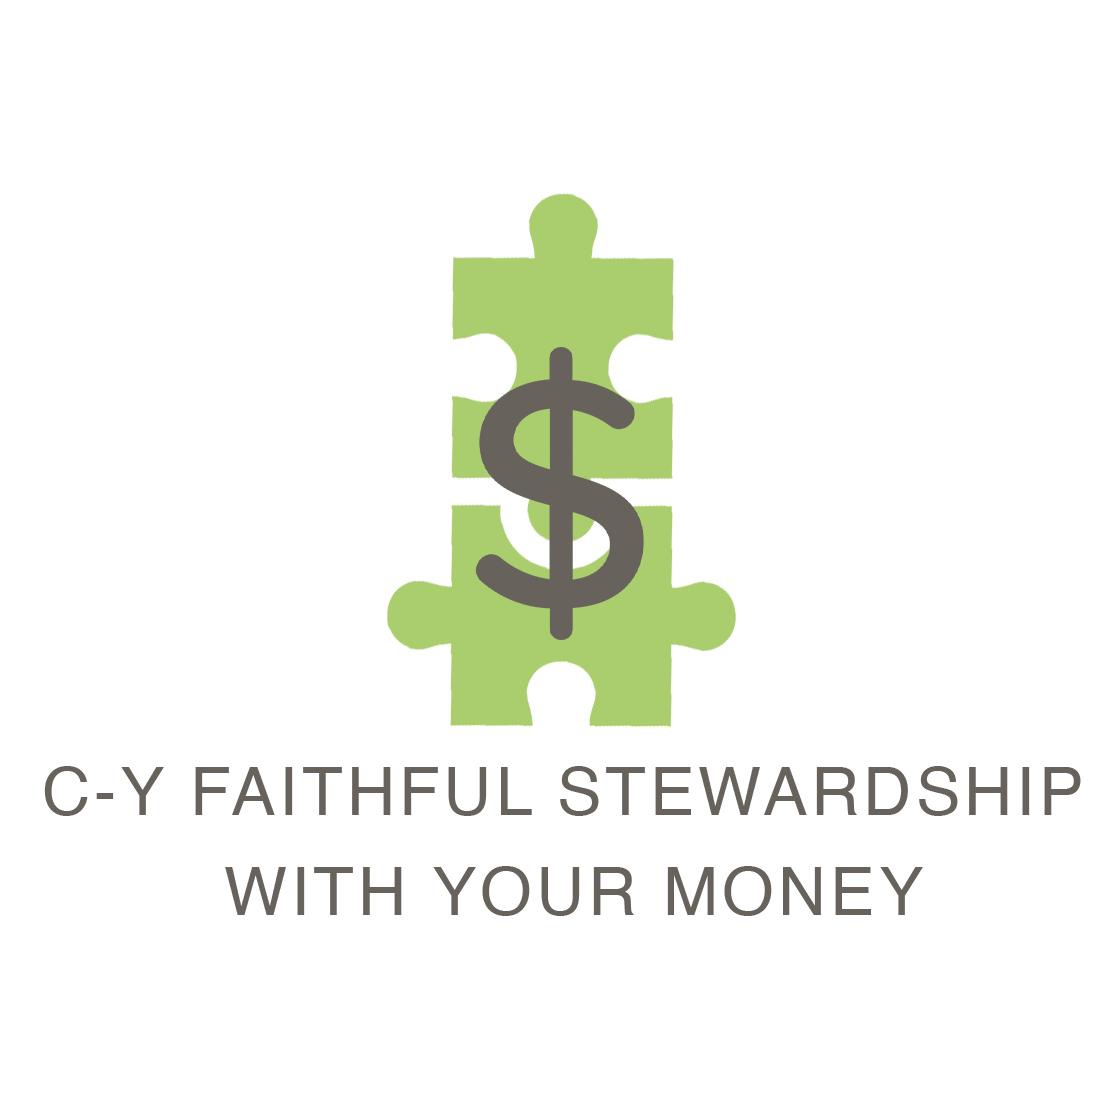 C-Y Faithful Stewardship with Your Money